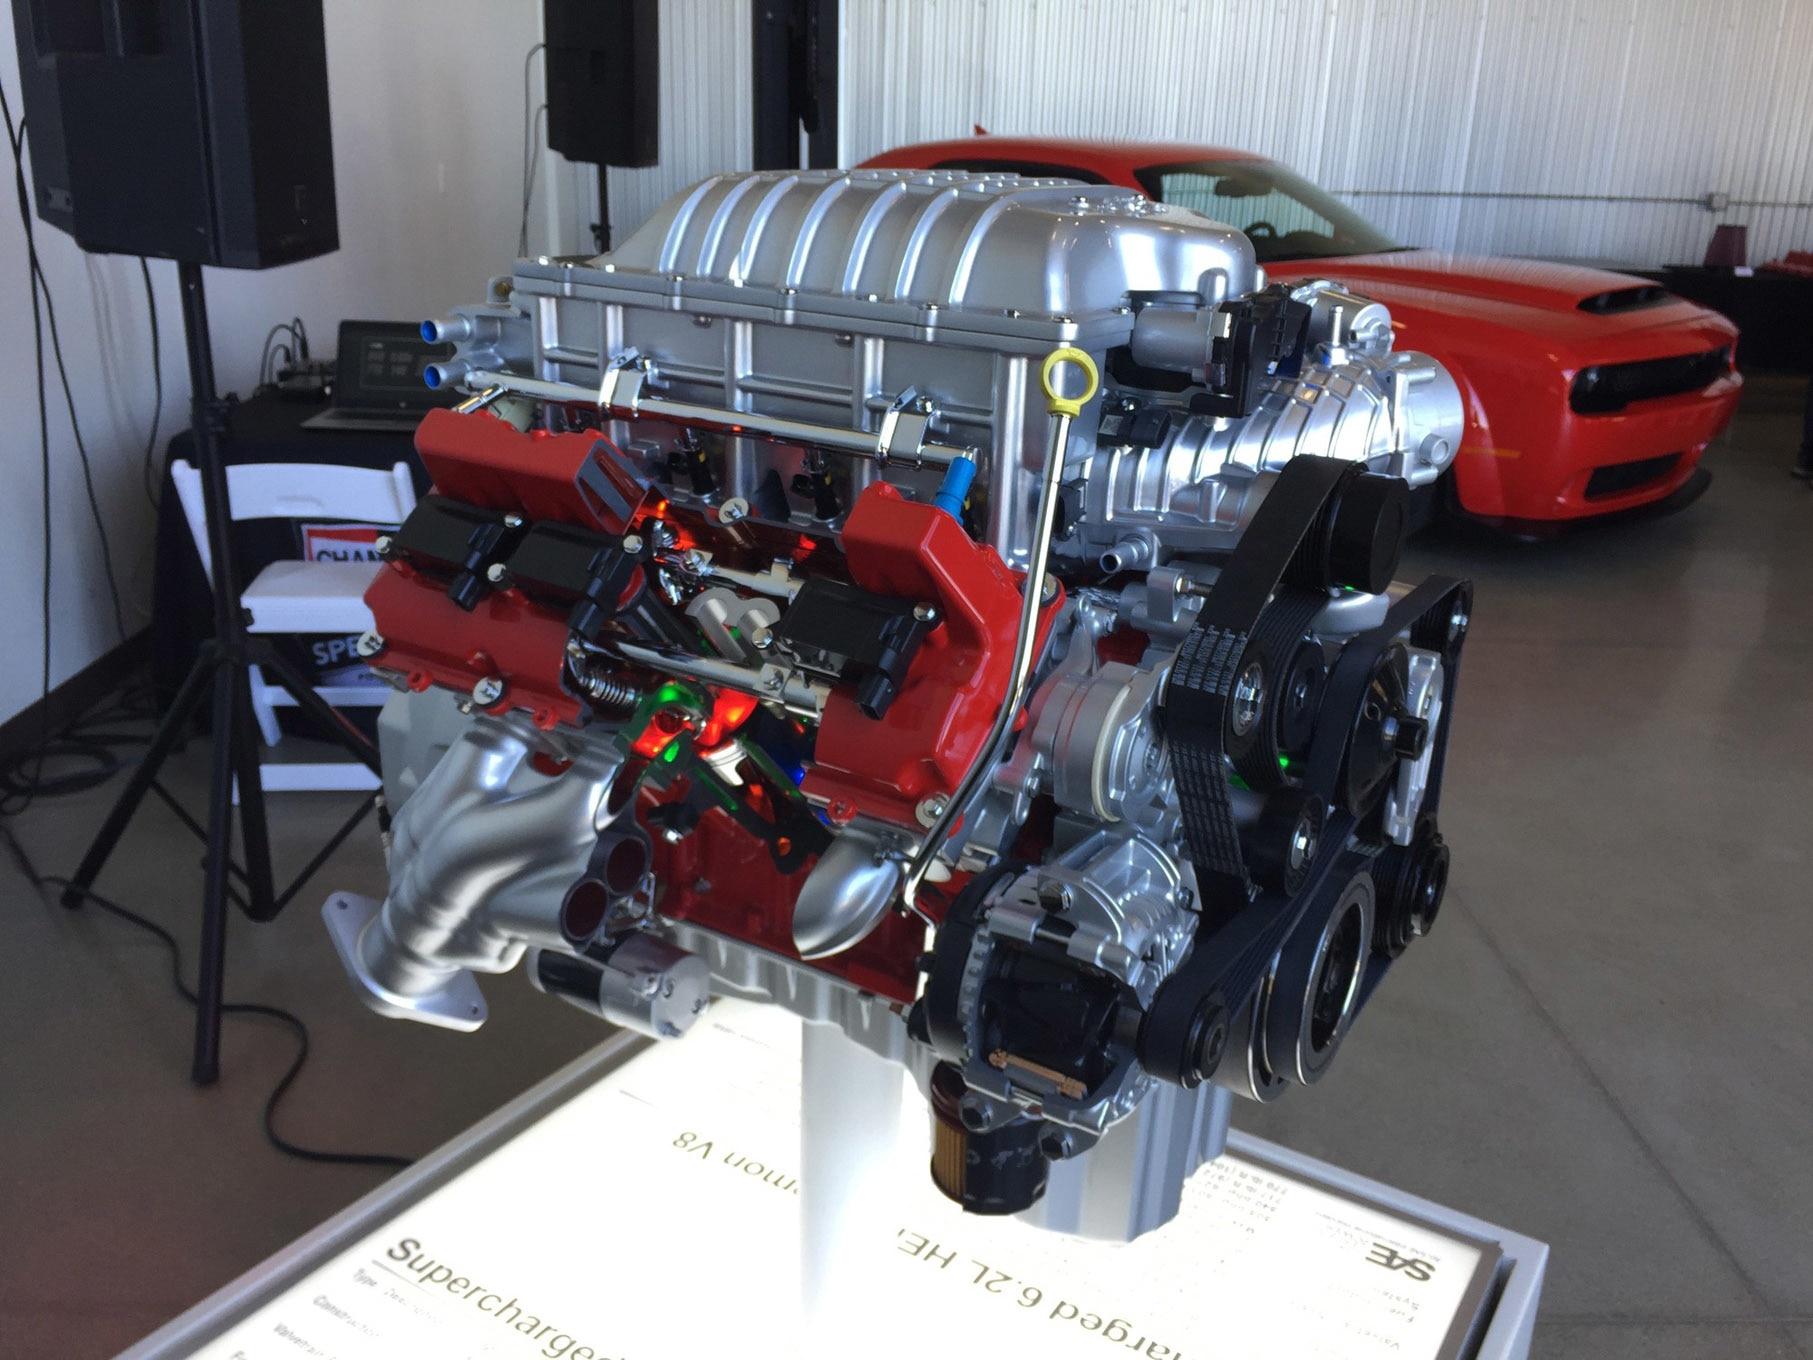 Dodge Demon - 2017 - HEMI engine - photo via hotrod.com